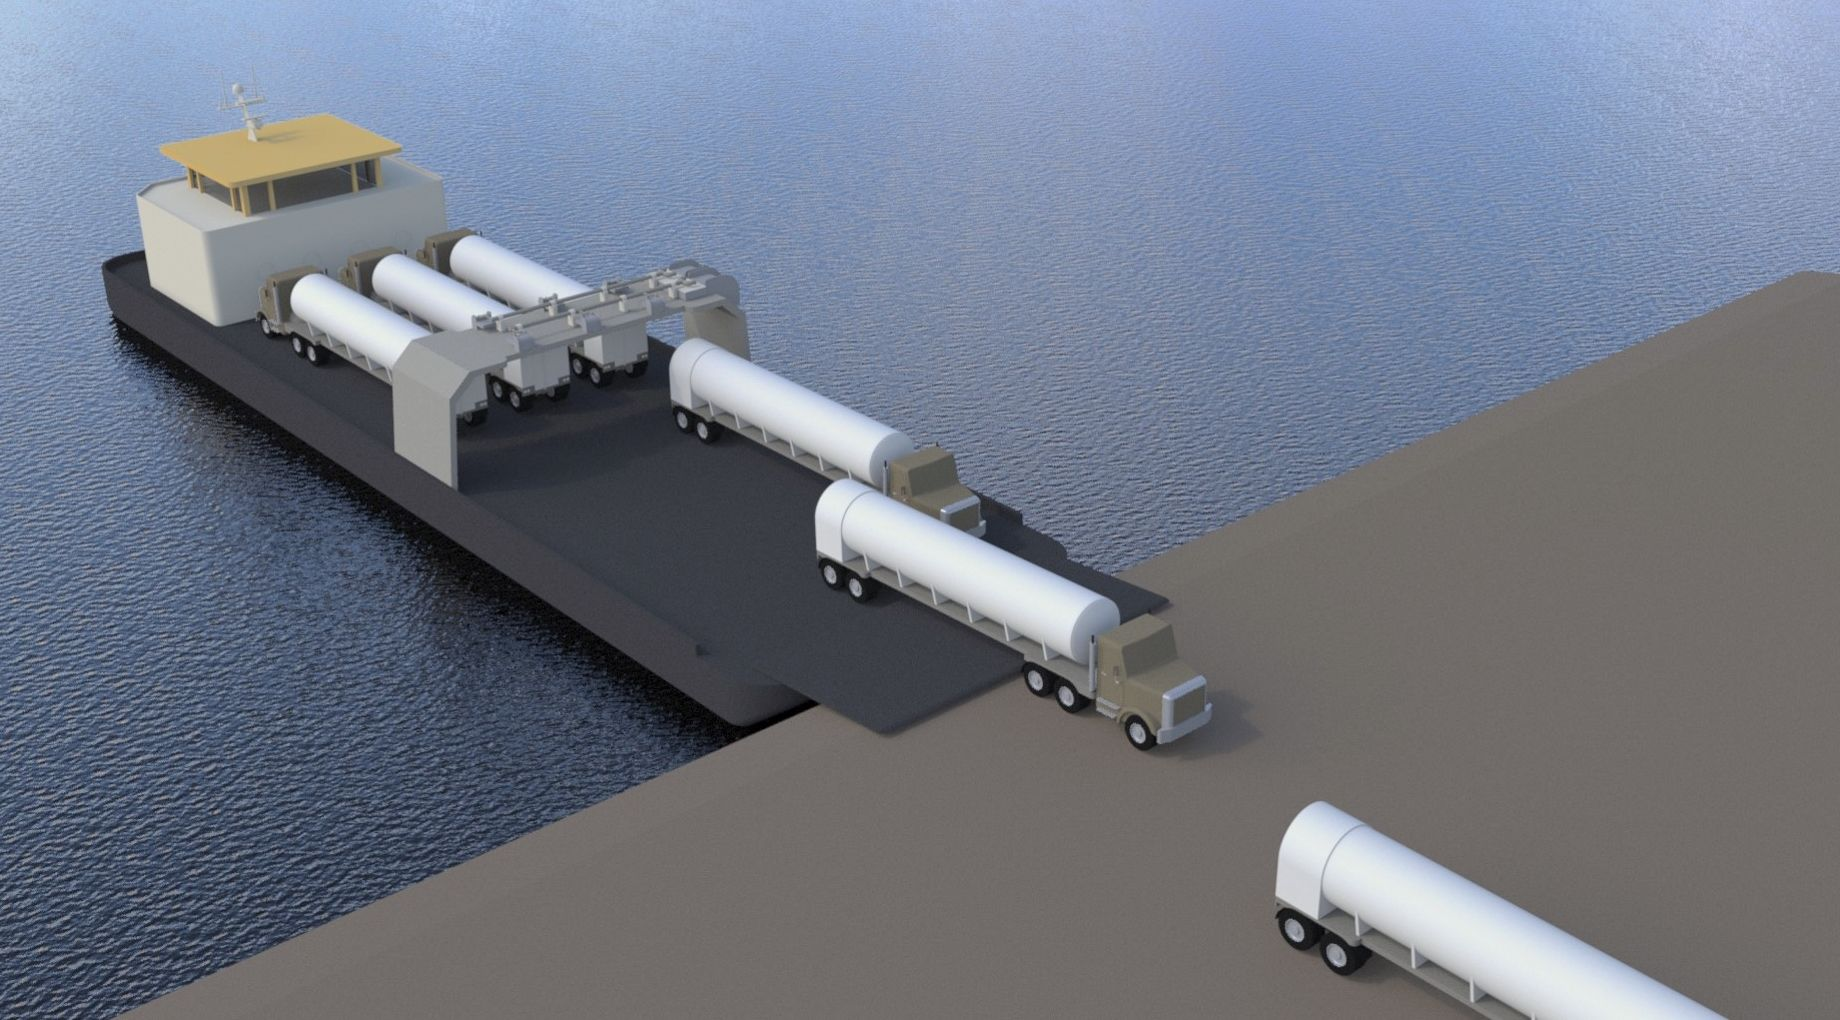 Simulación del sistema, con la barcaza atracada y los camiones cisterna cargados con GNL llegando a puerto